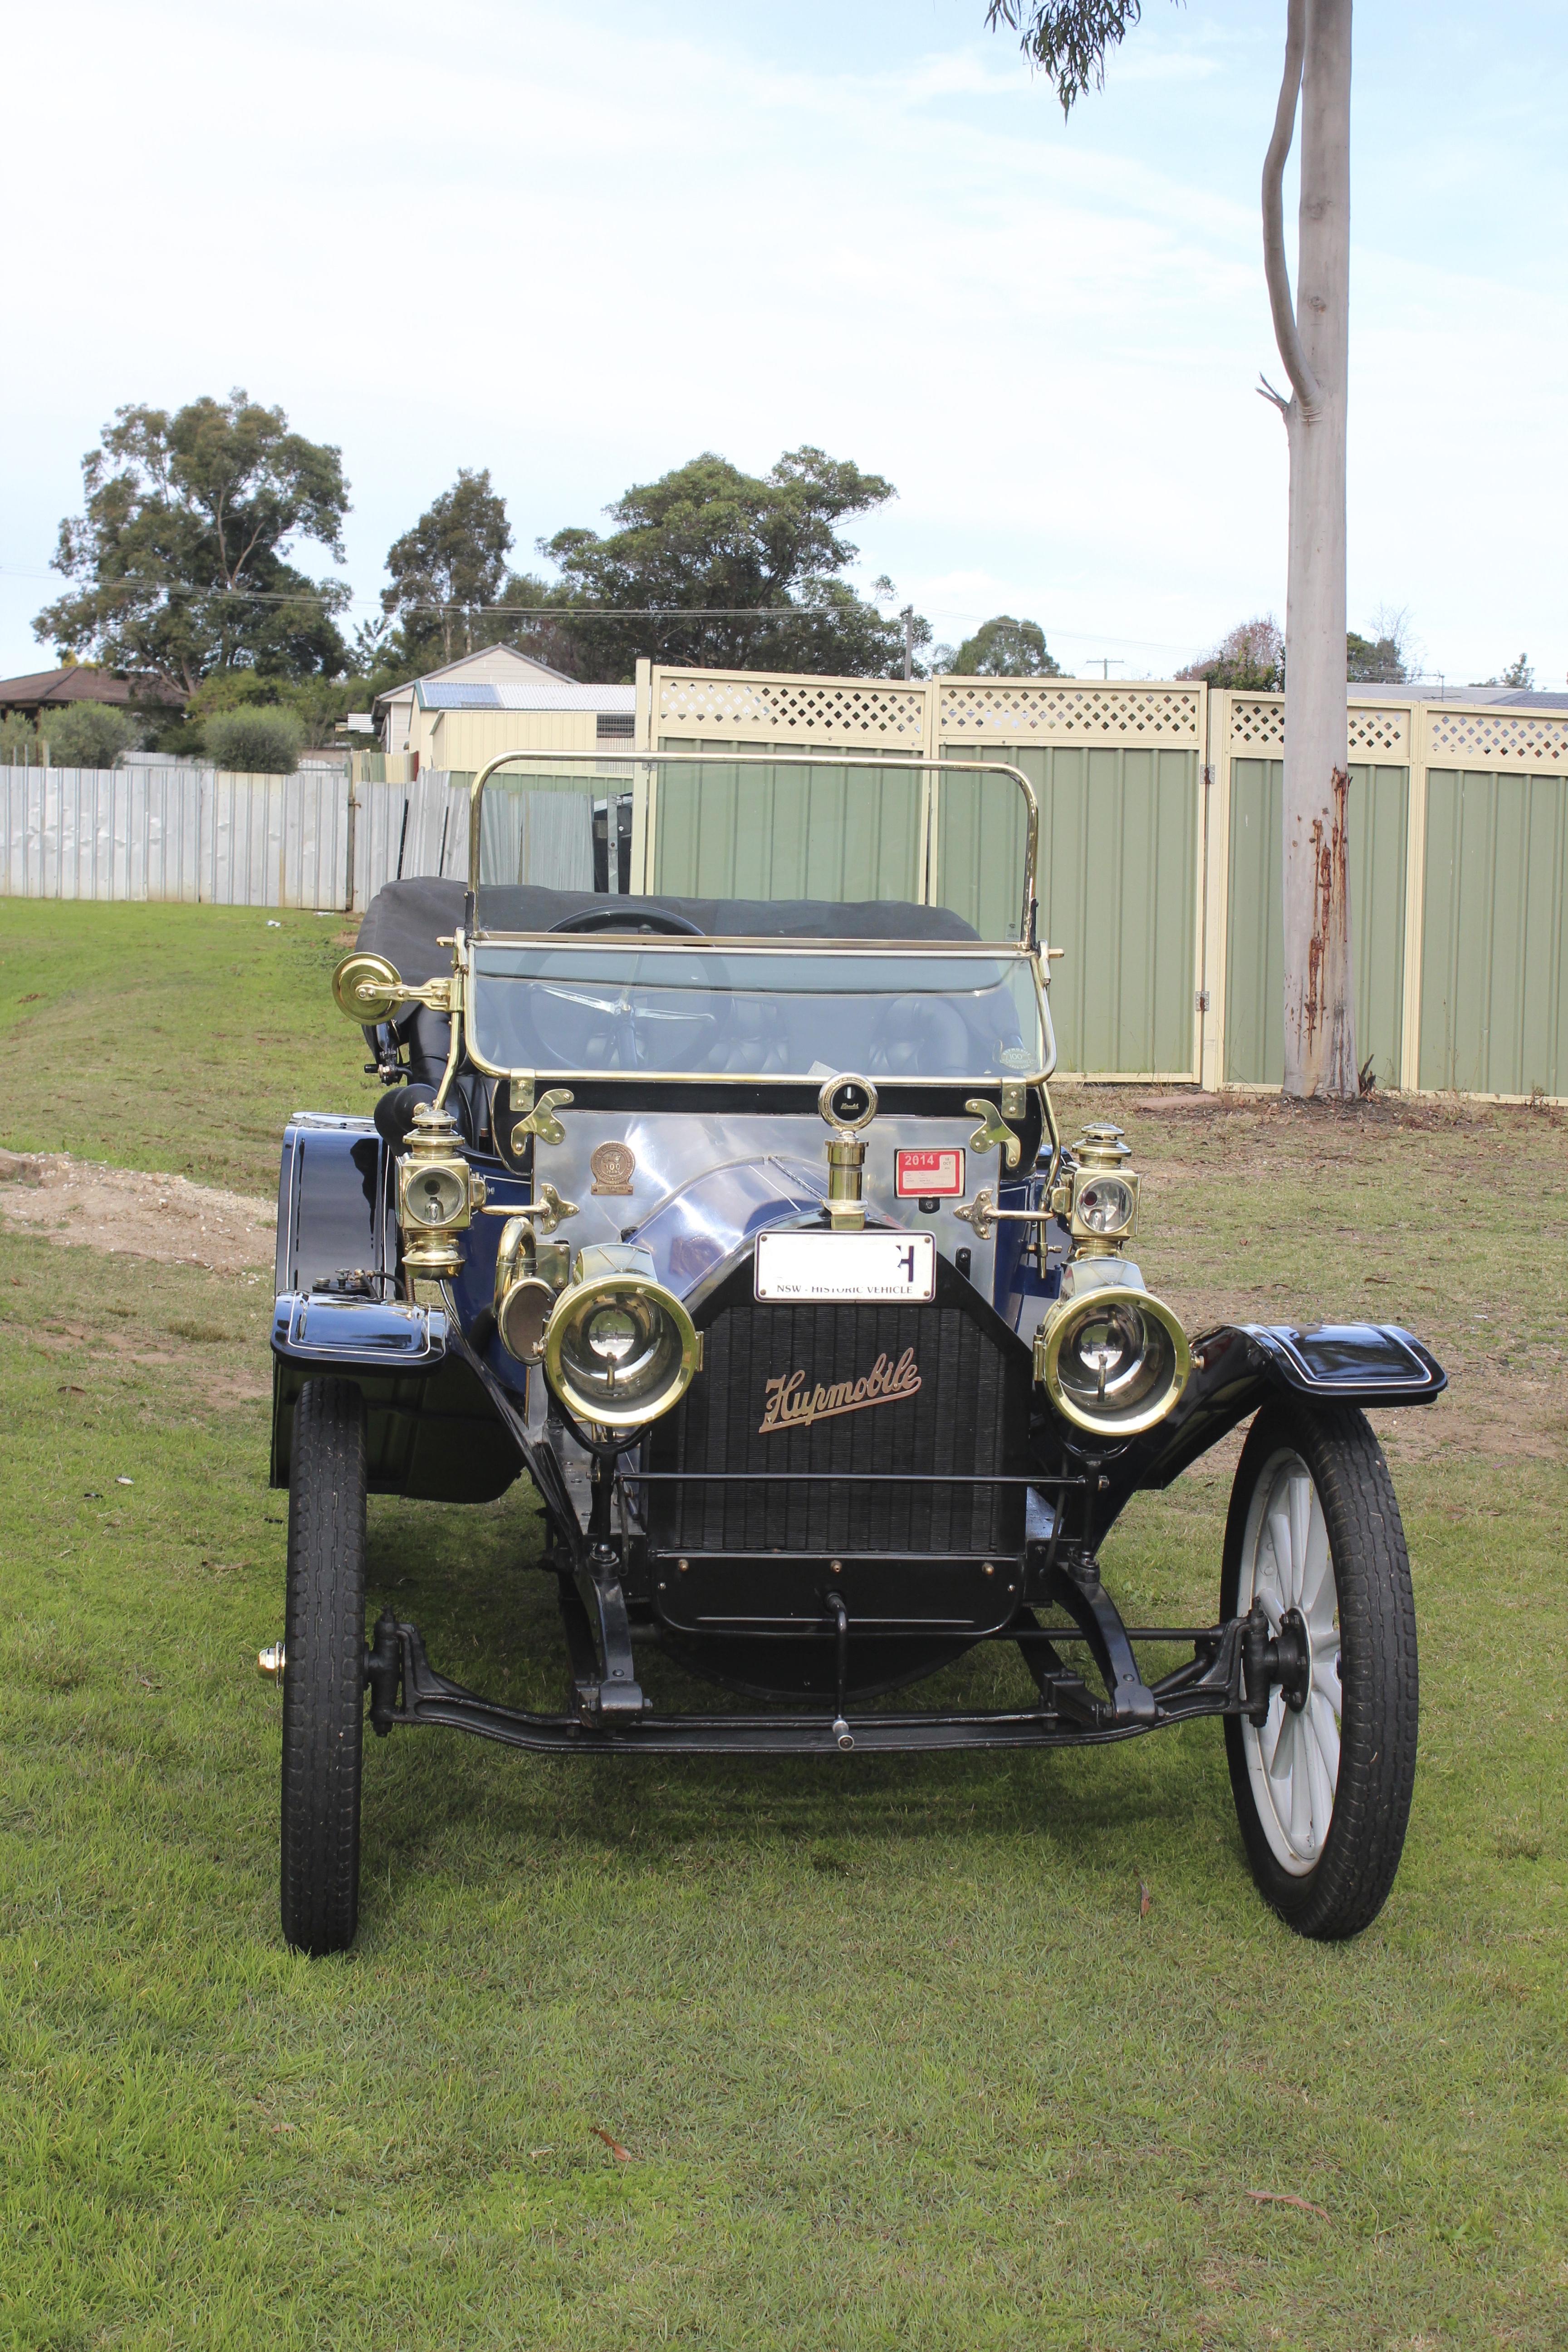 1912 Hupmobile